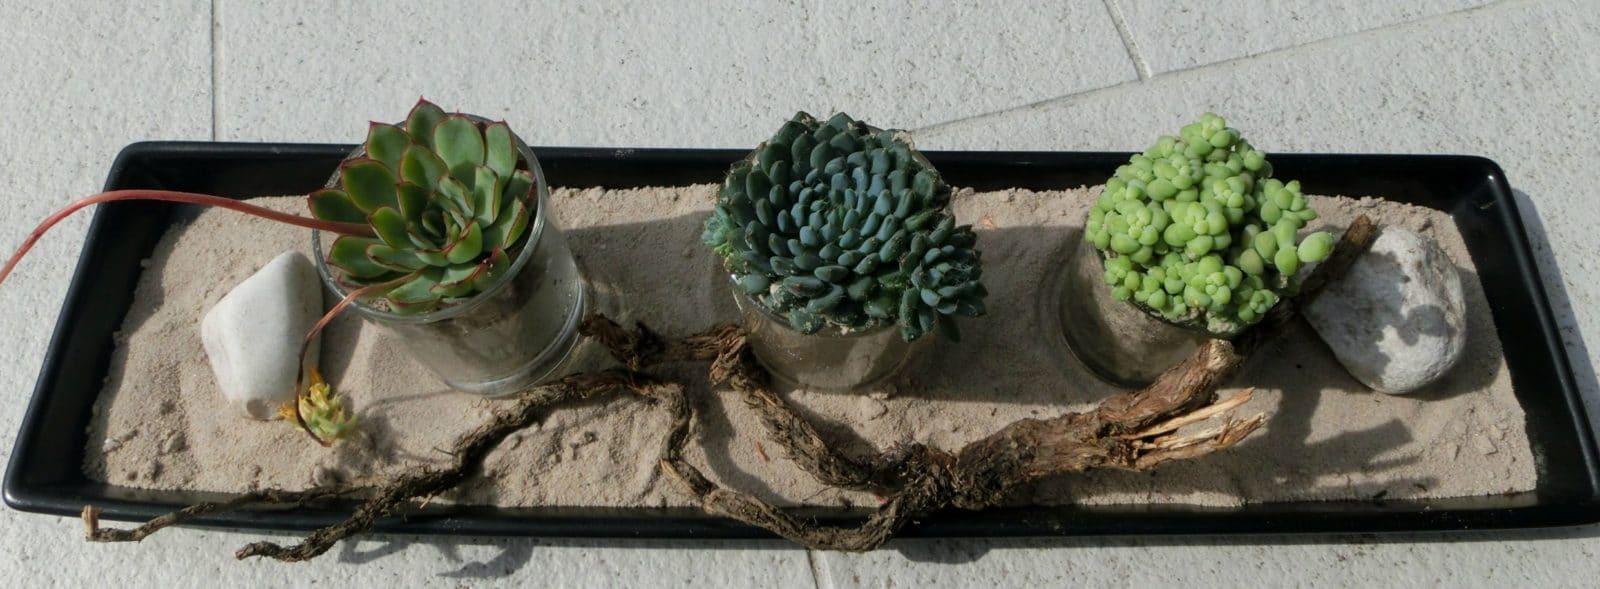 schnelle dekoration f r terrasse oder balkon handmade kultur. Black Bedroom Furniture Sets. Home Design Ideas